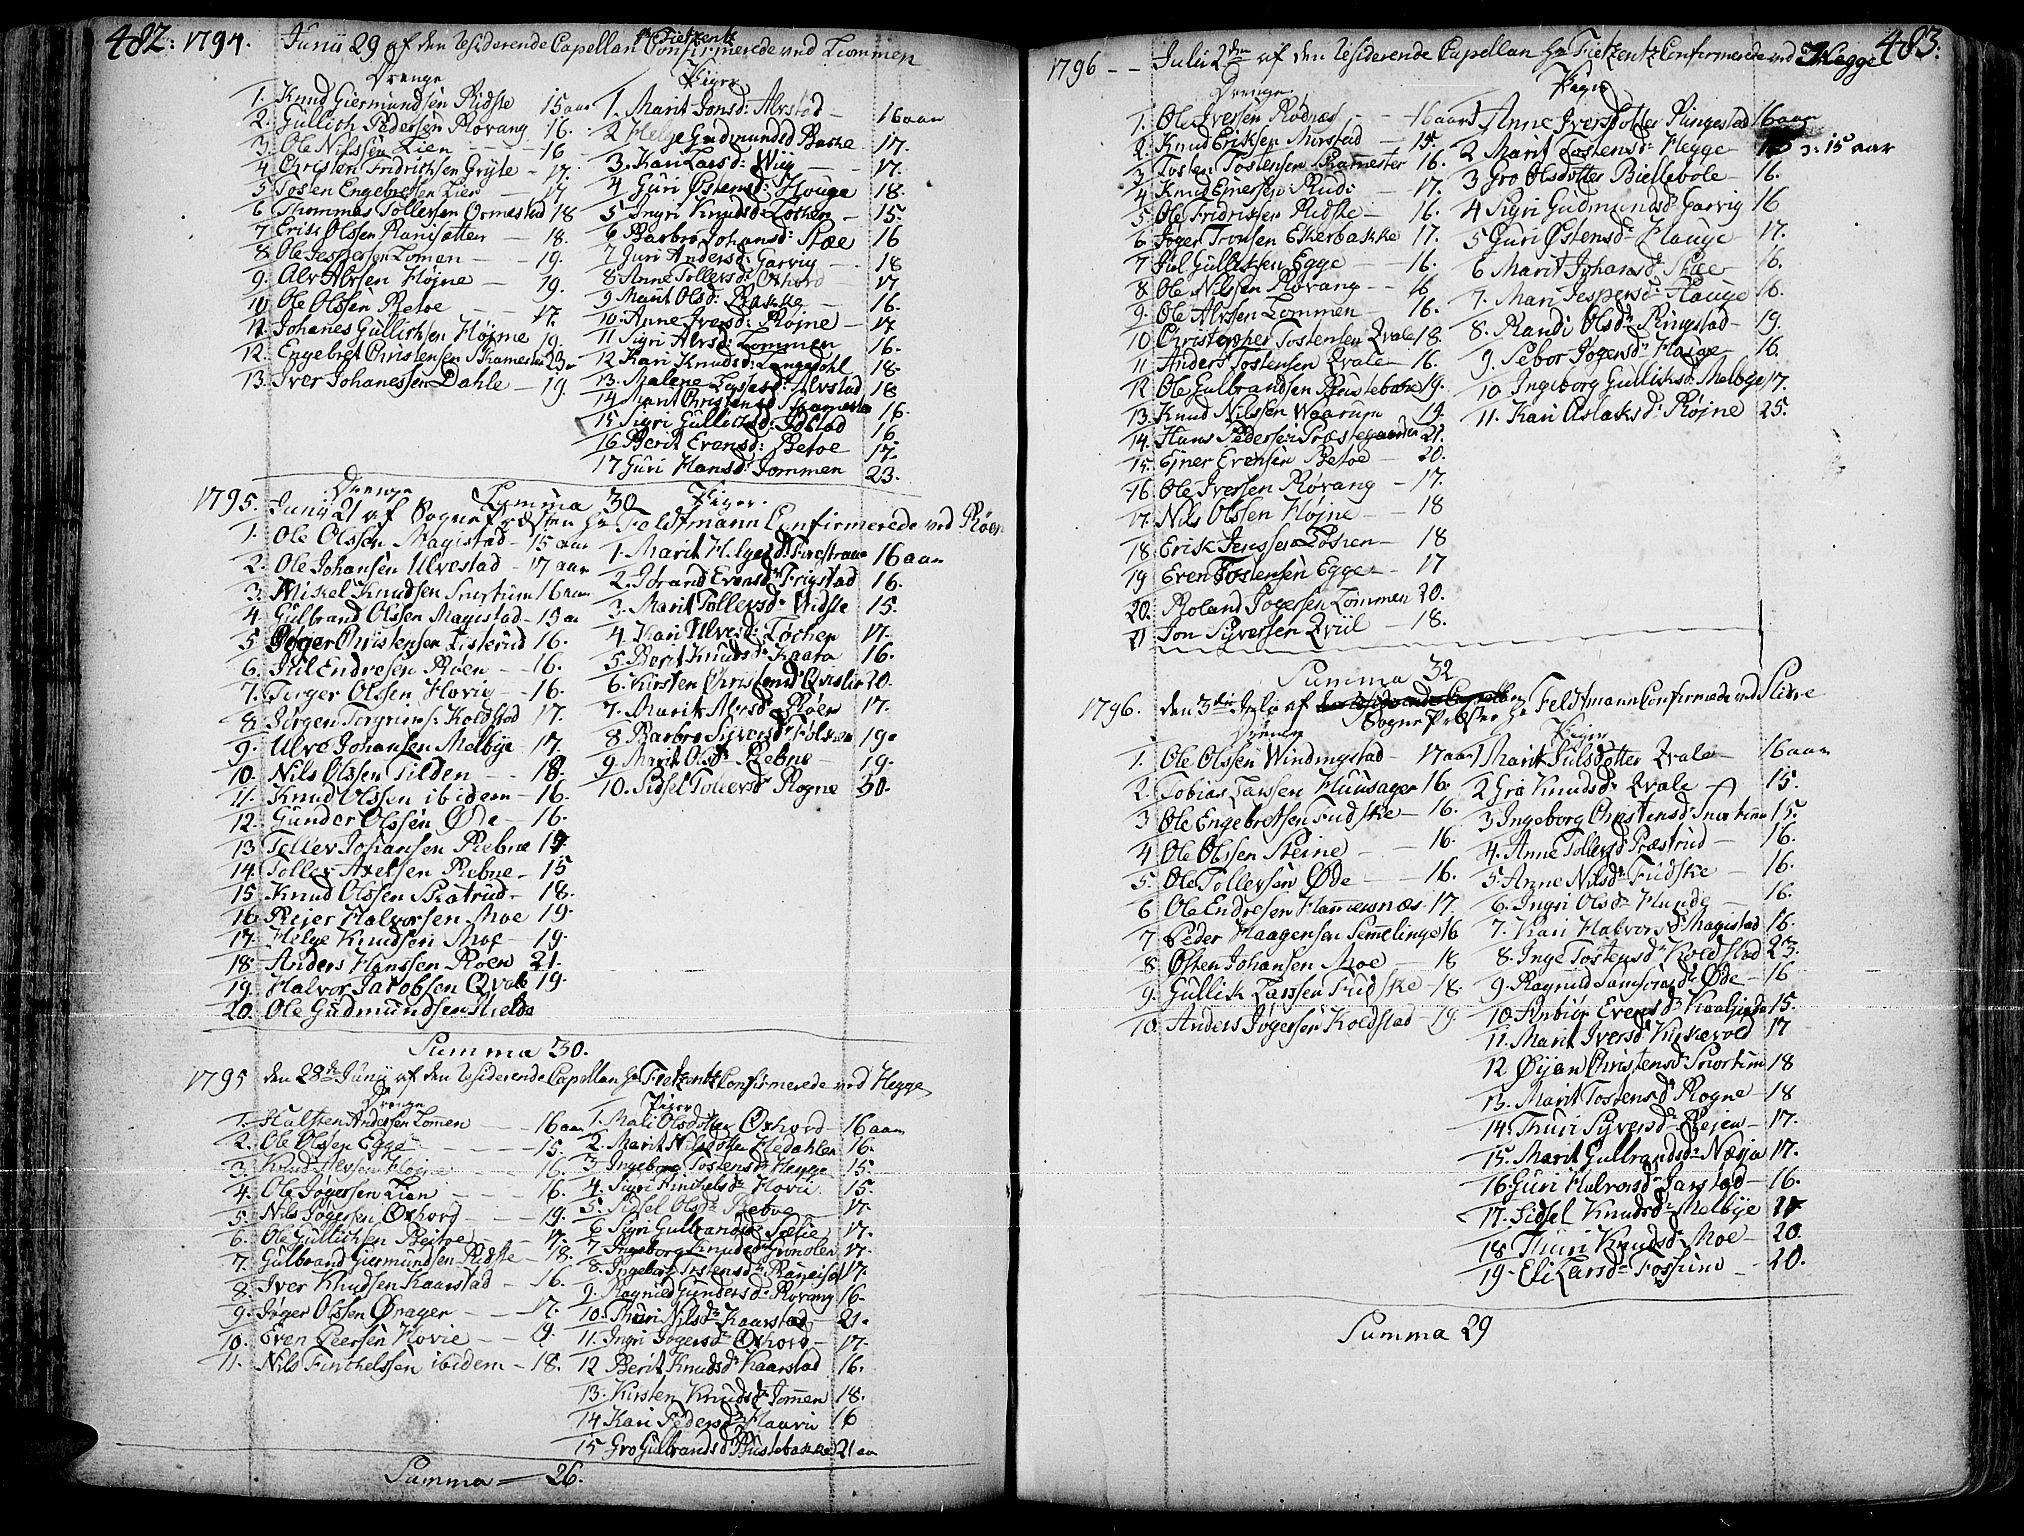 SAH, Slidre prestekontor, Ministerialbok nr. 1, 1724-1814, s. 482-483